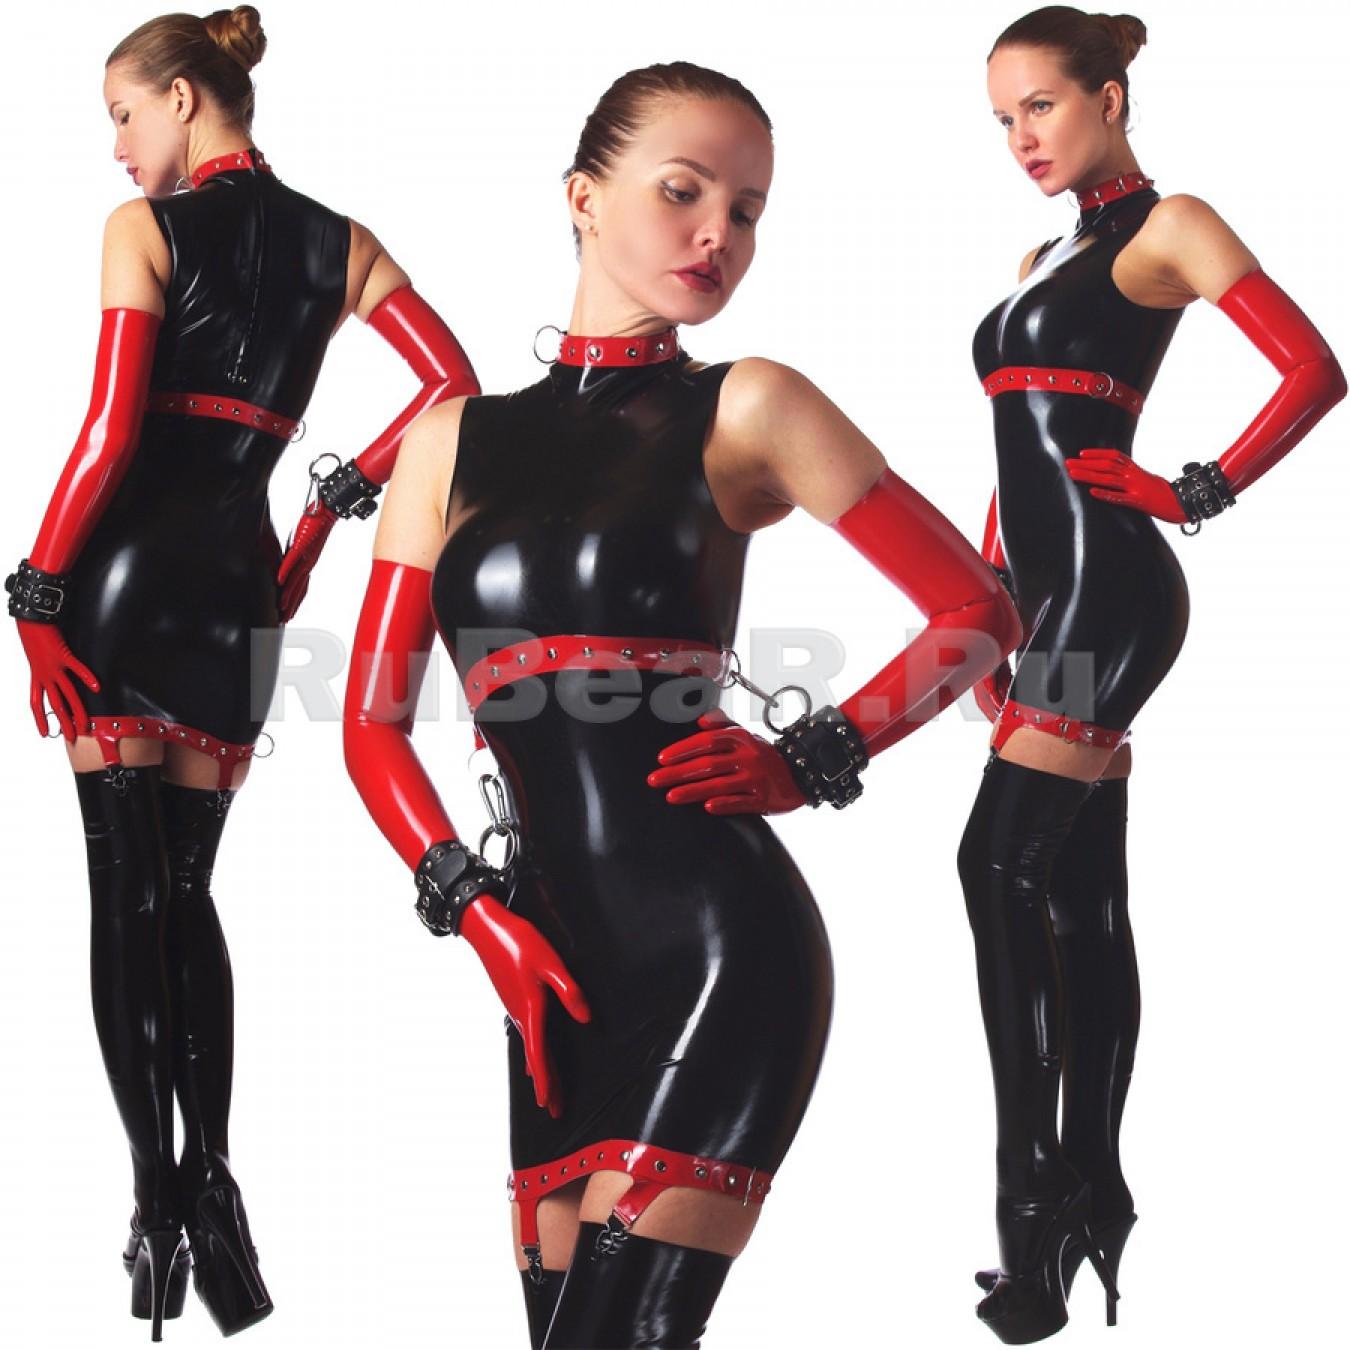 DL0817 Платье с воротником-стойкой двухцветное